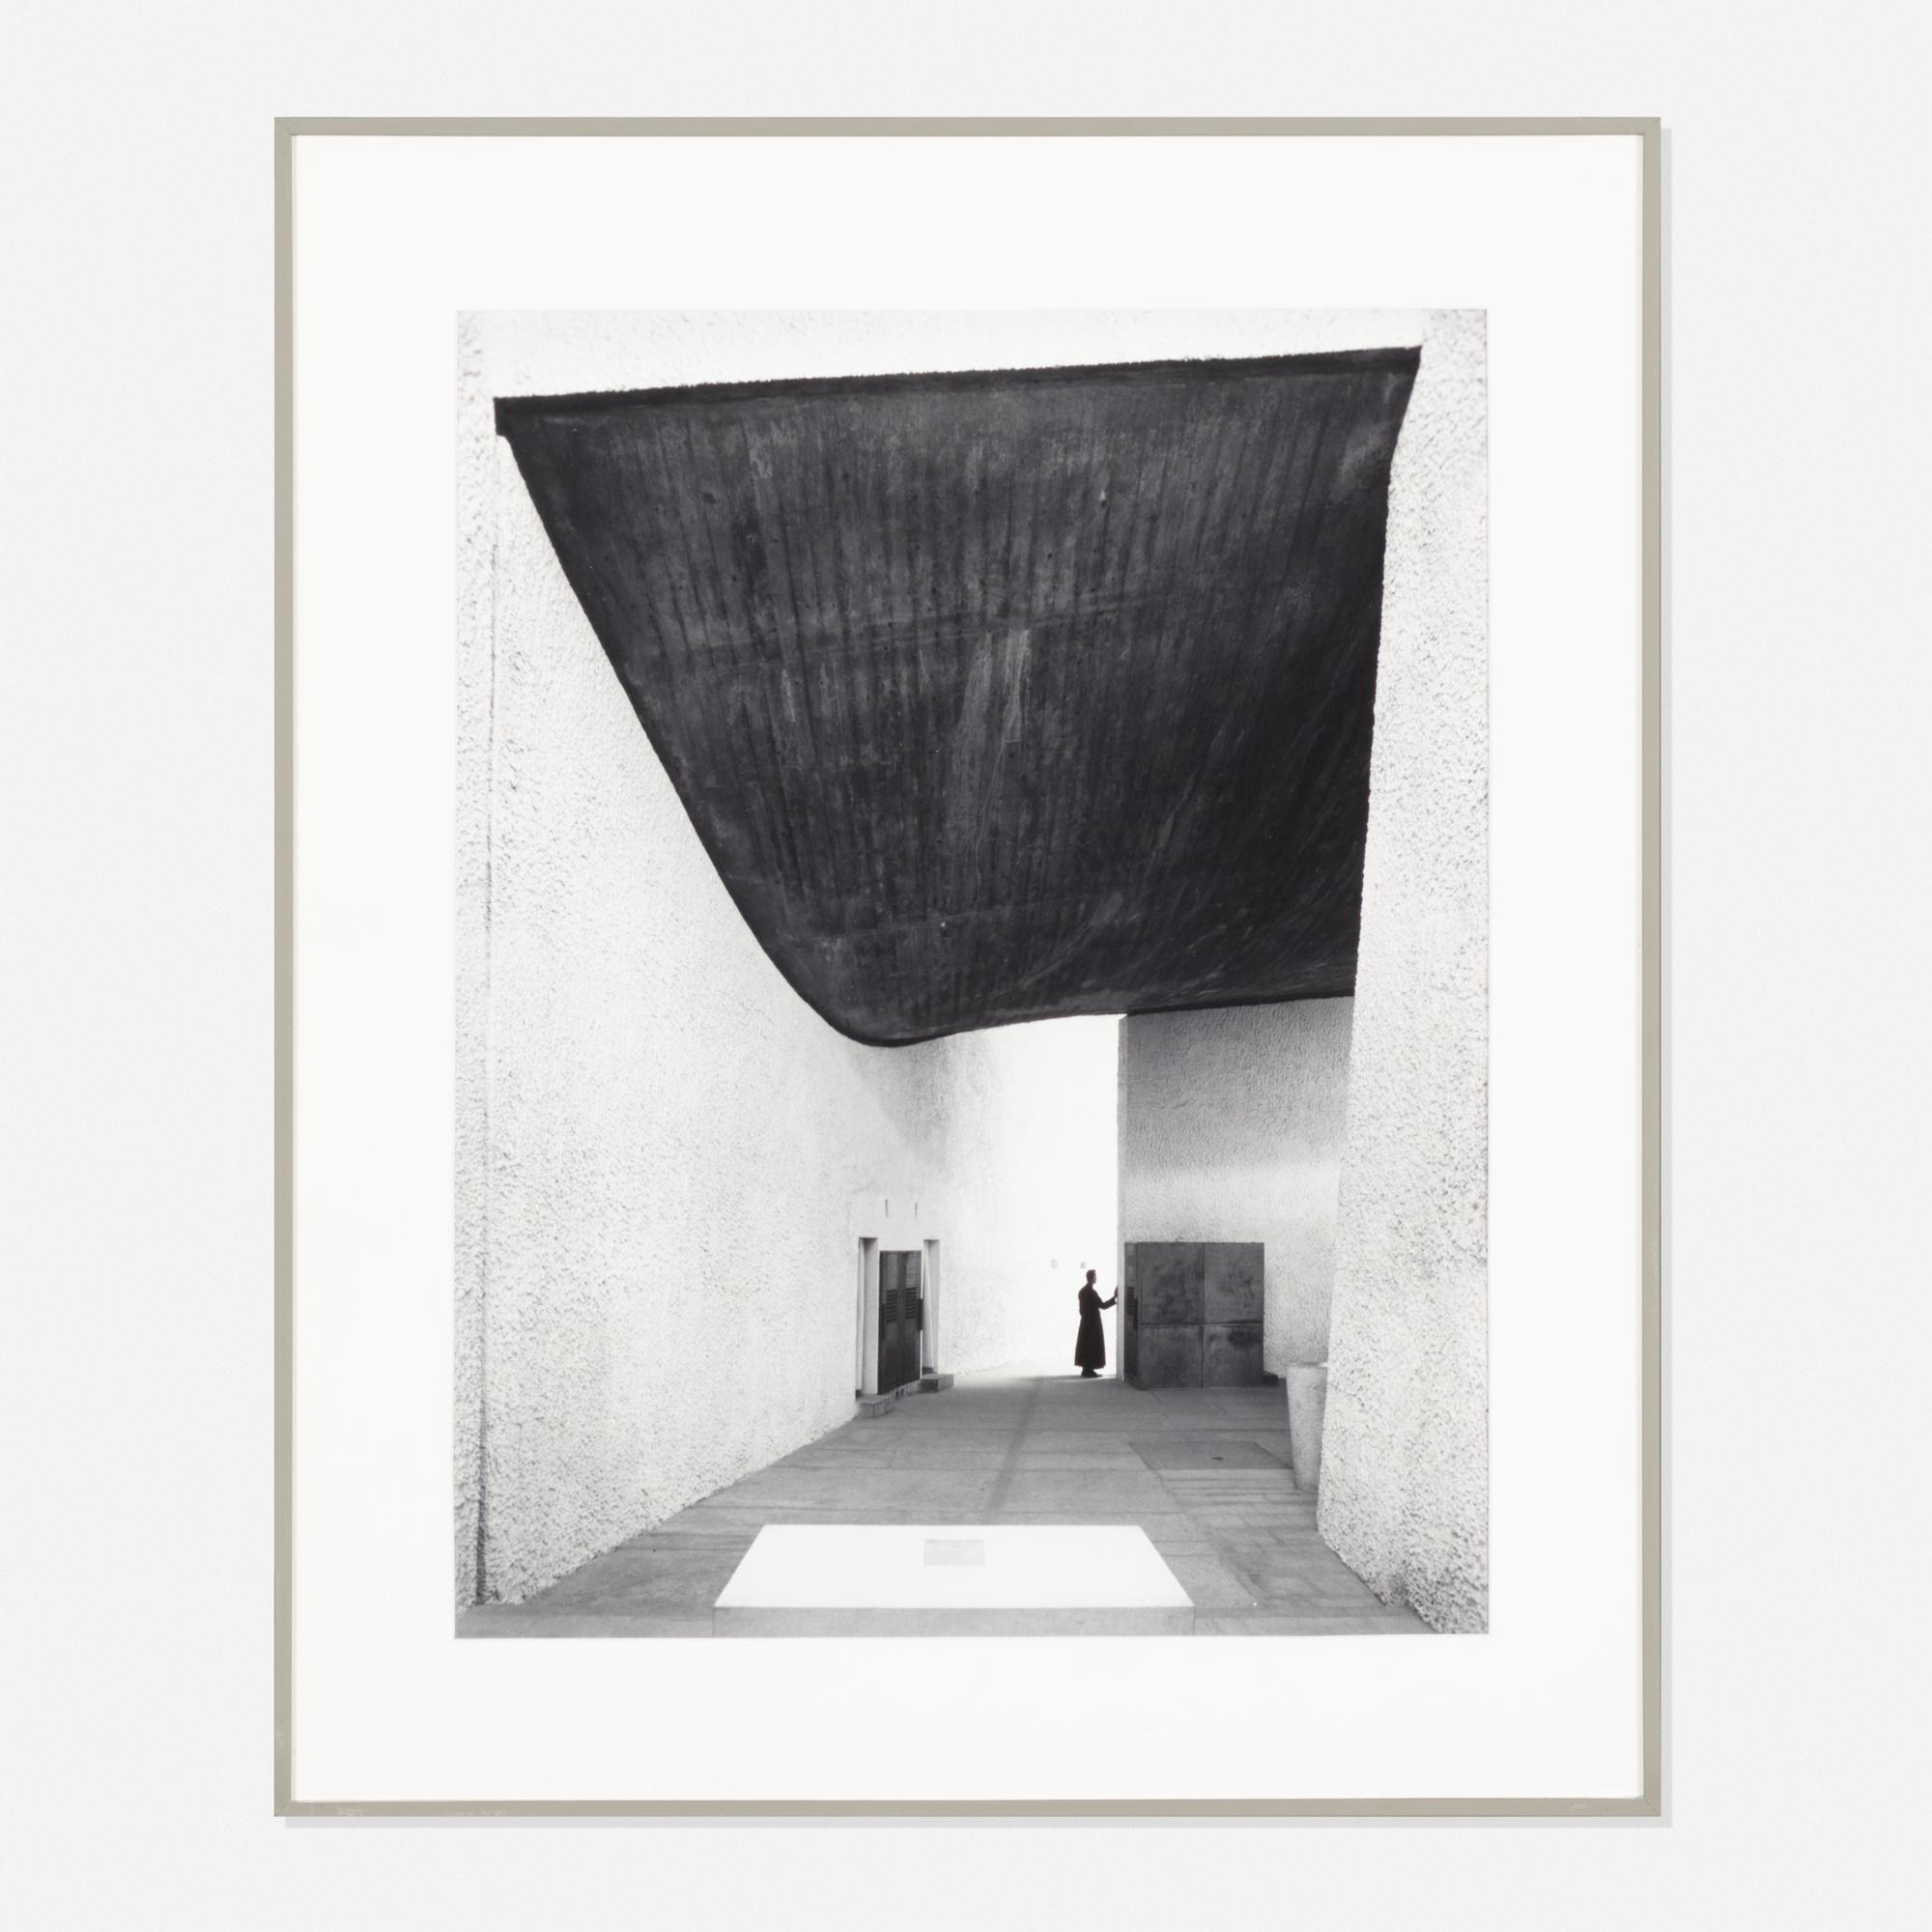 242: Ezra Stoller / Notre Dame Du Haut, Ronchamp, France, Architect: Le Corbusier (1 of 1)